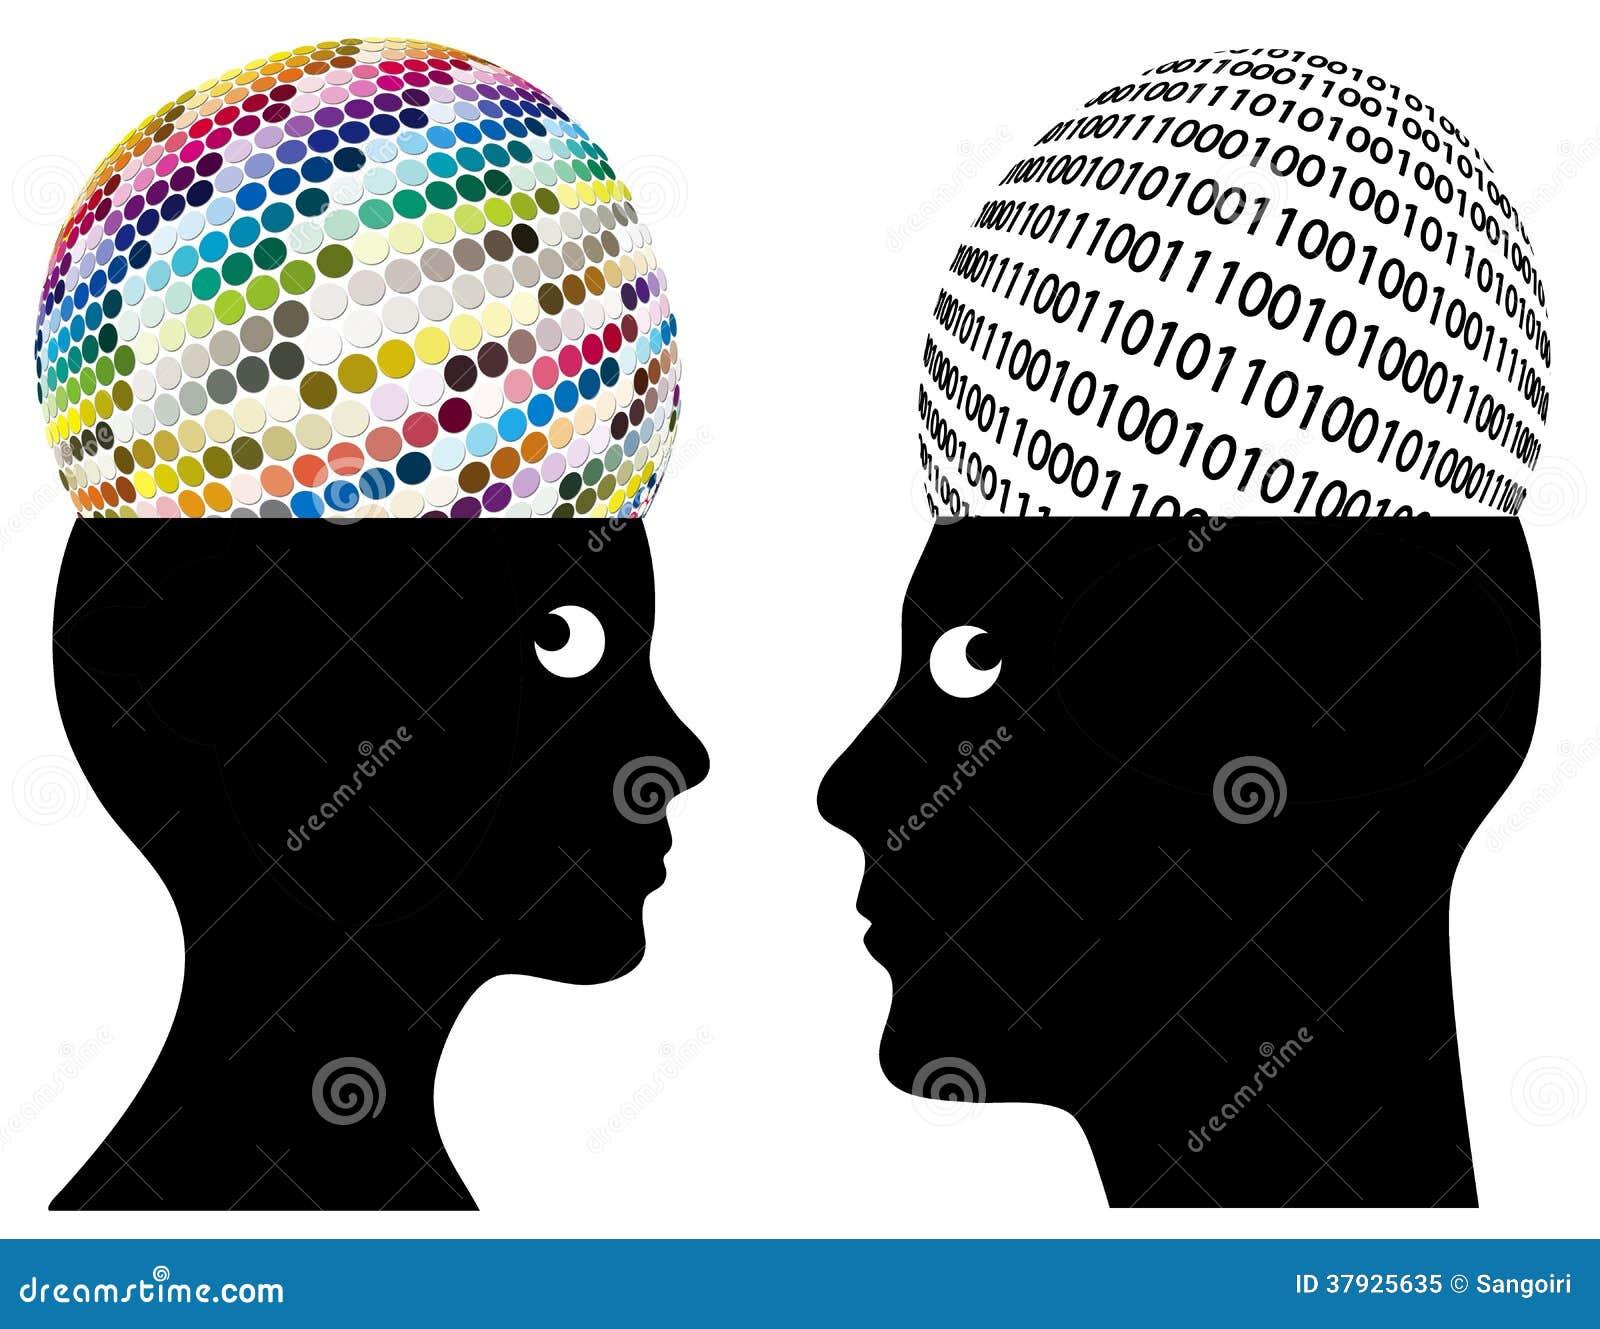 pensamiento-an%C3%A1logo-y-de-digitaces-37925635.jpg